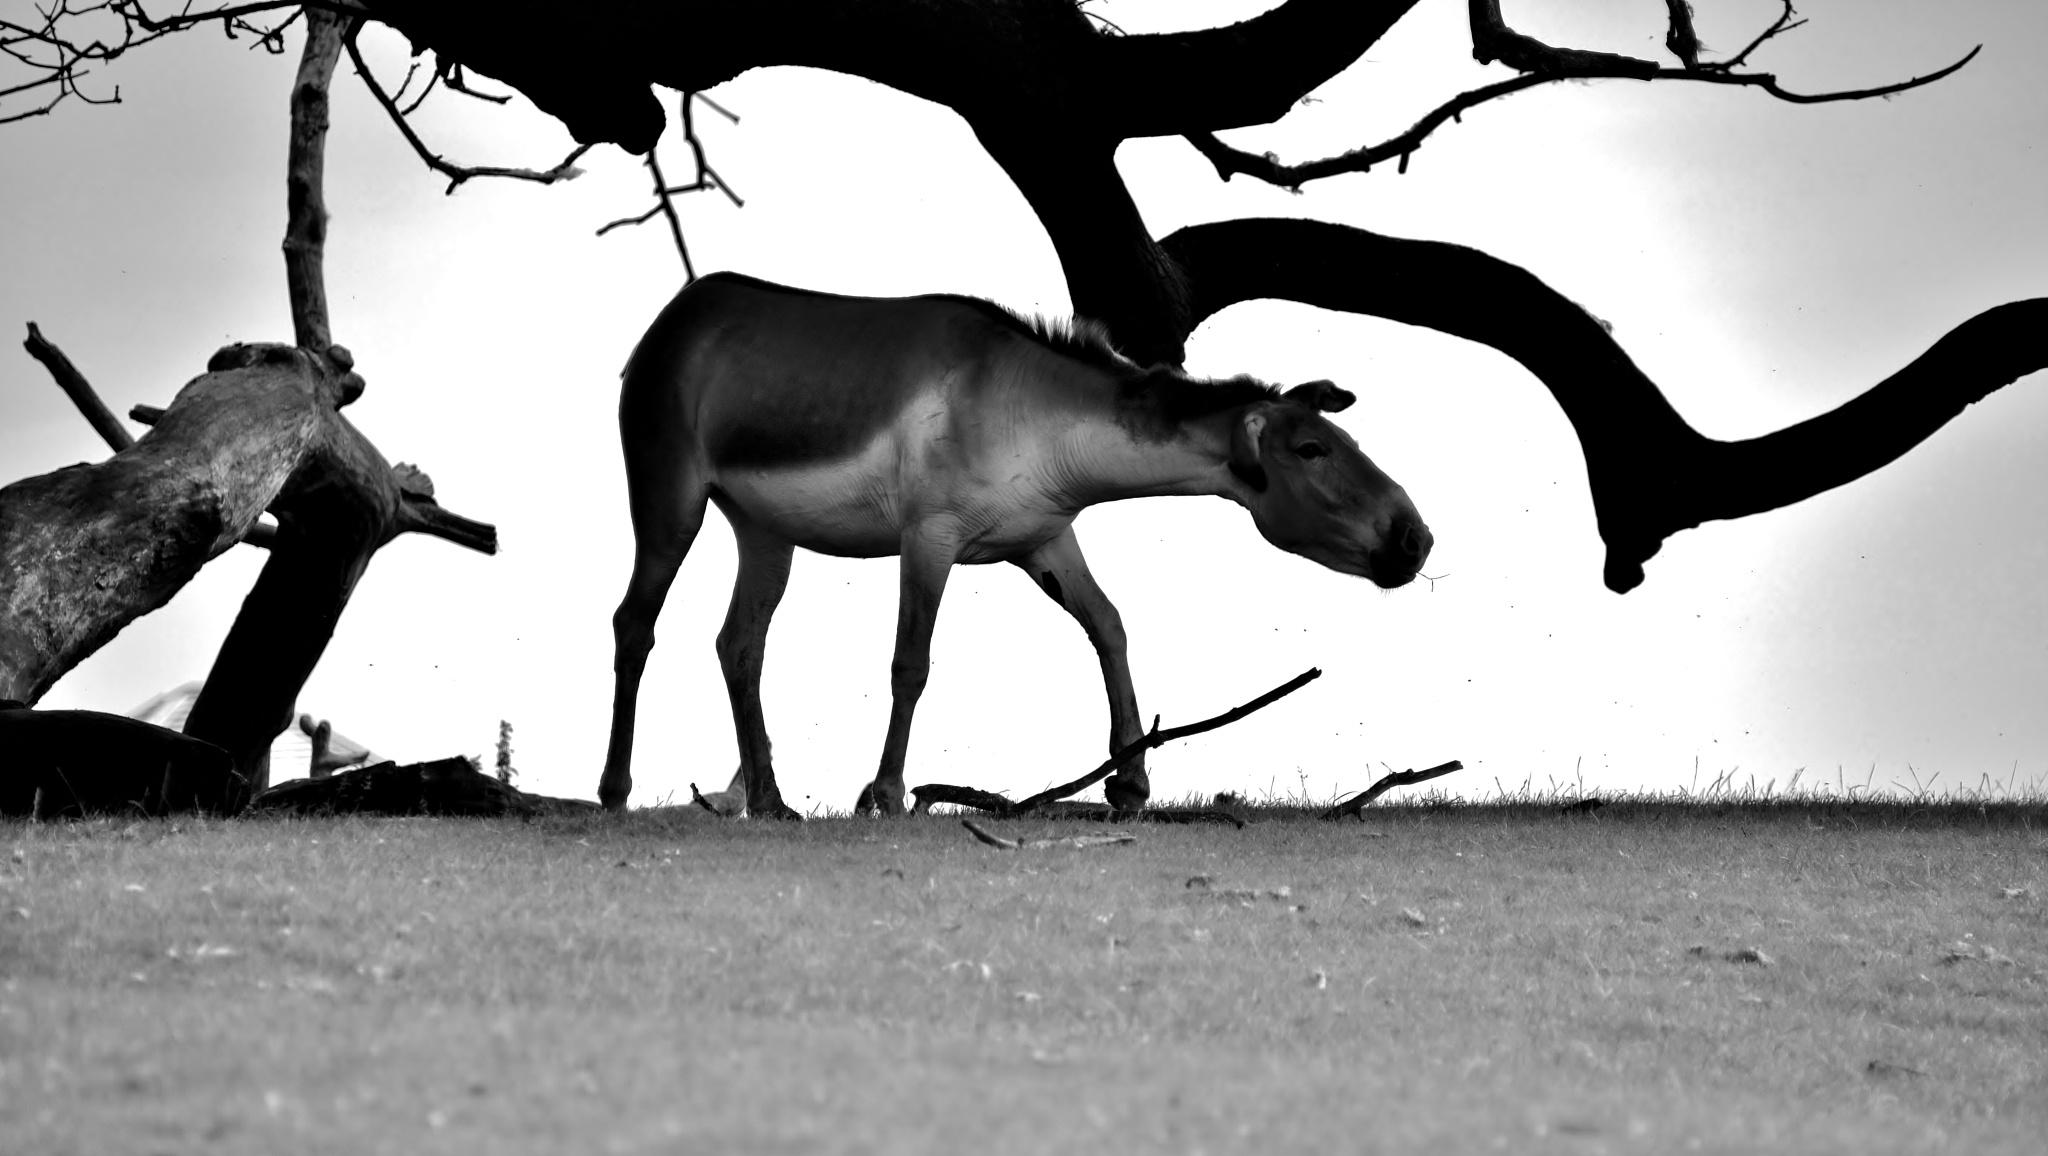 Kiang - Semi Silhouette - Monochrome by paul.hosker